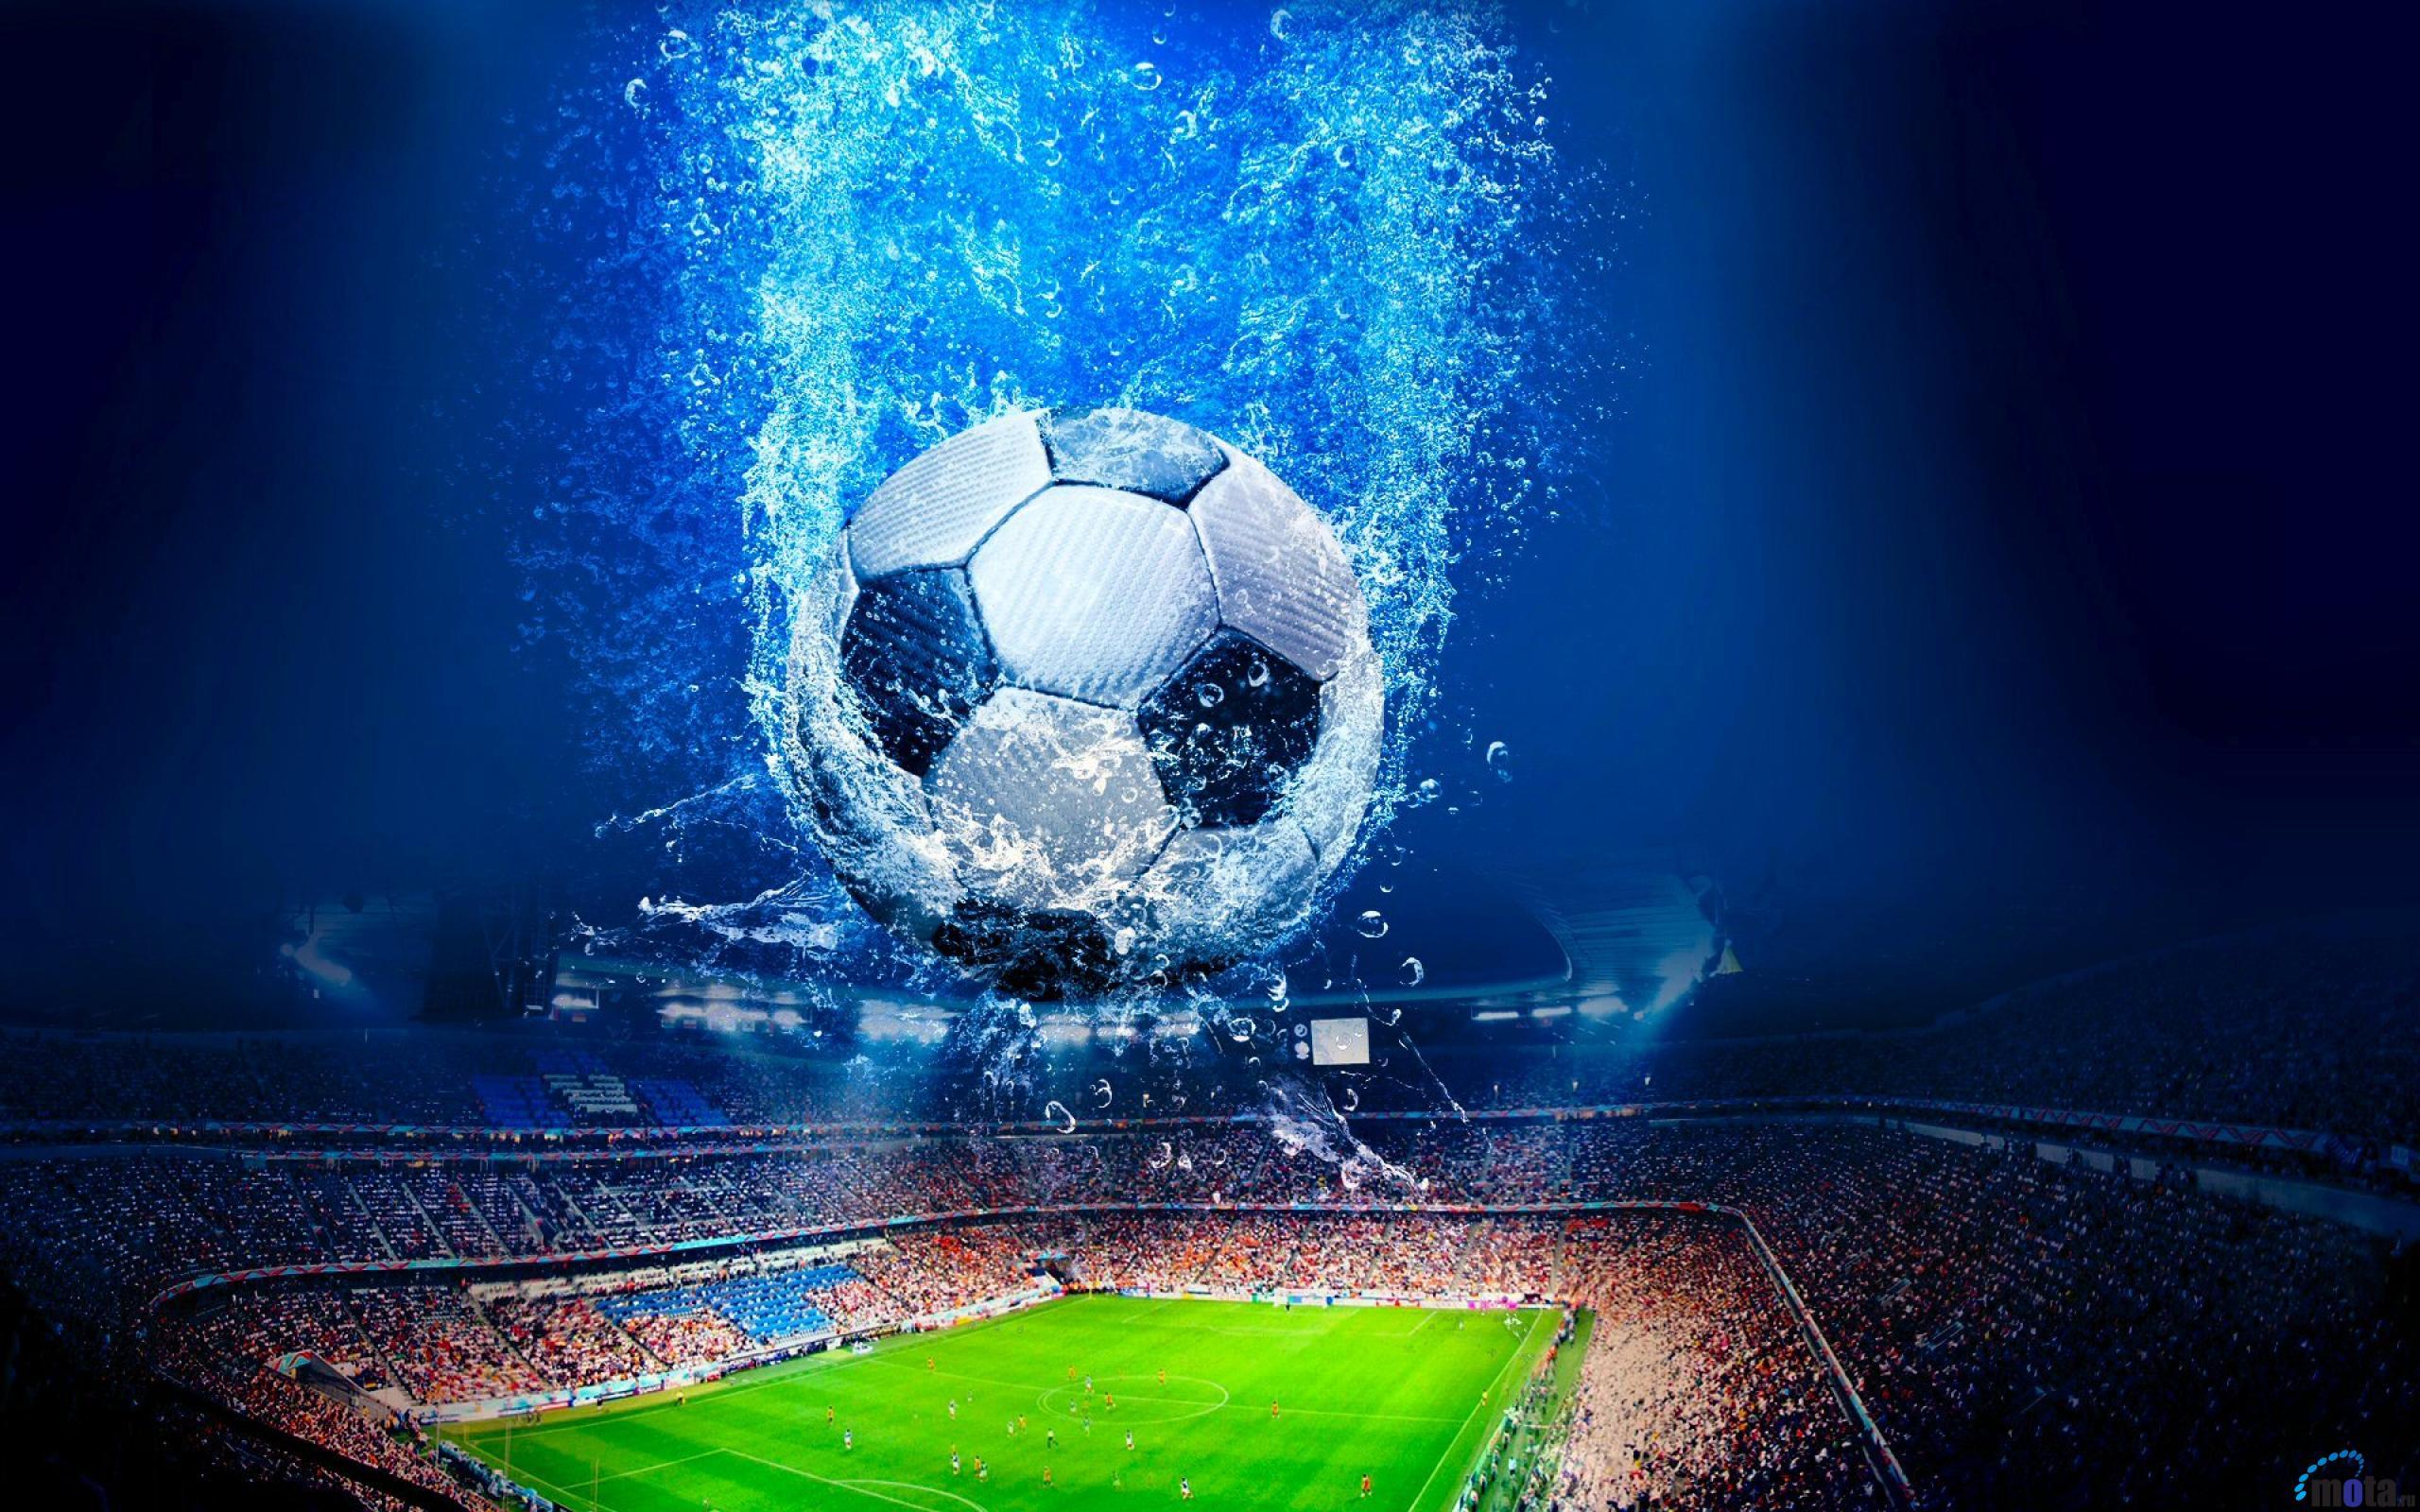 Звериный футбол  № 3148855 без смс